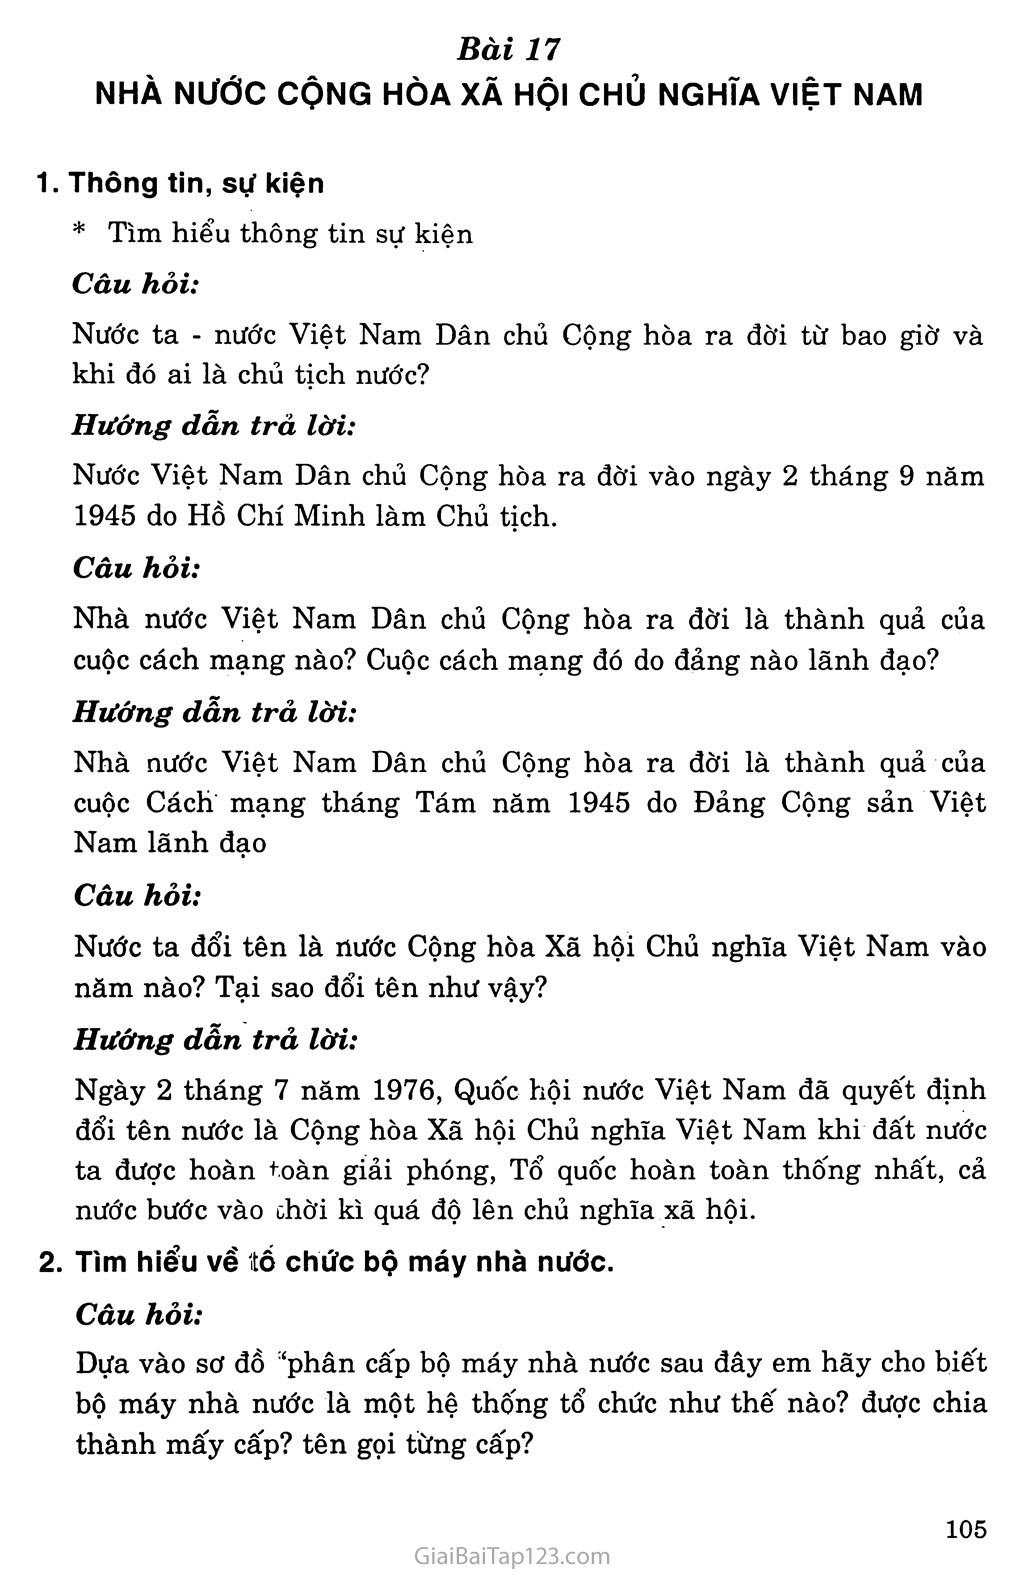 Bài 17: Nhà nước Cộng hòa xã hội chủ nghĩa Việt Nam trang 1